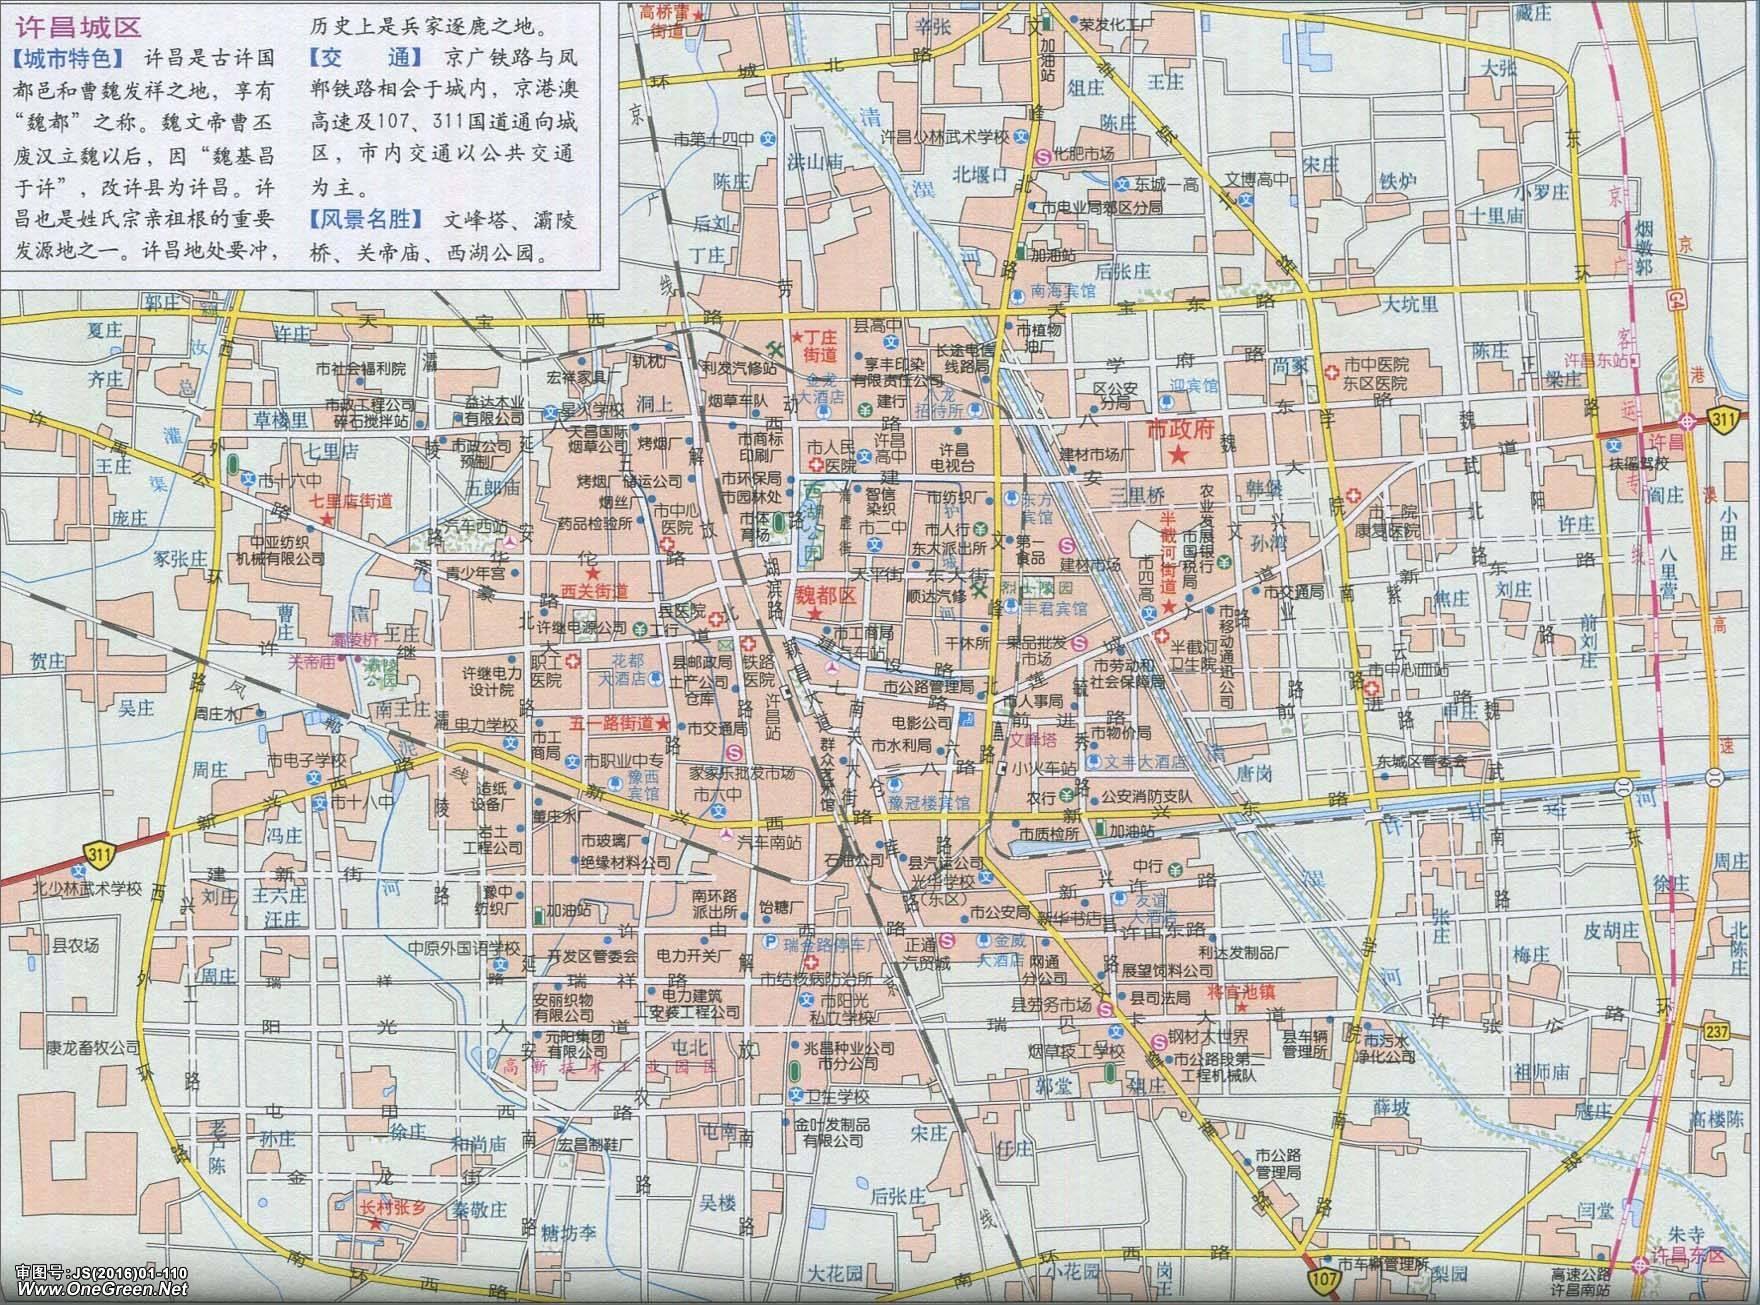 许昌市城区地图